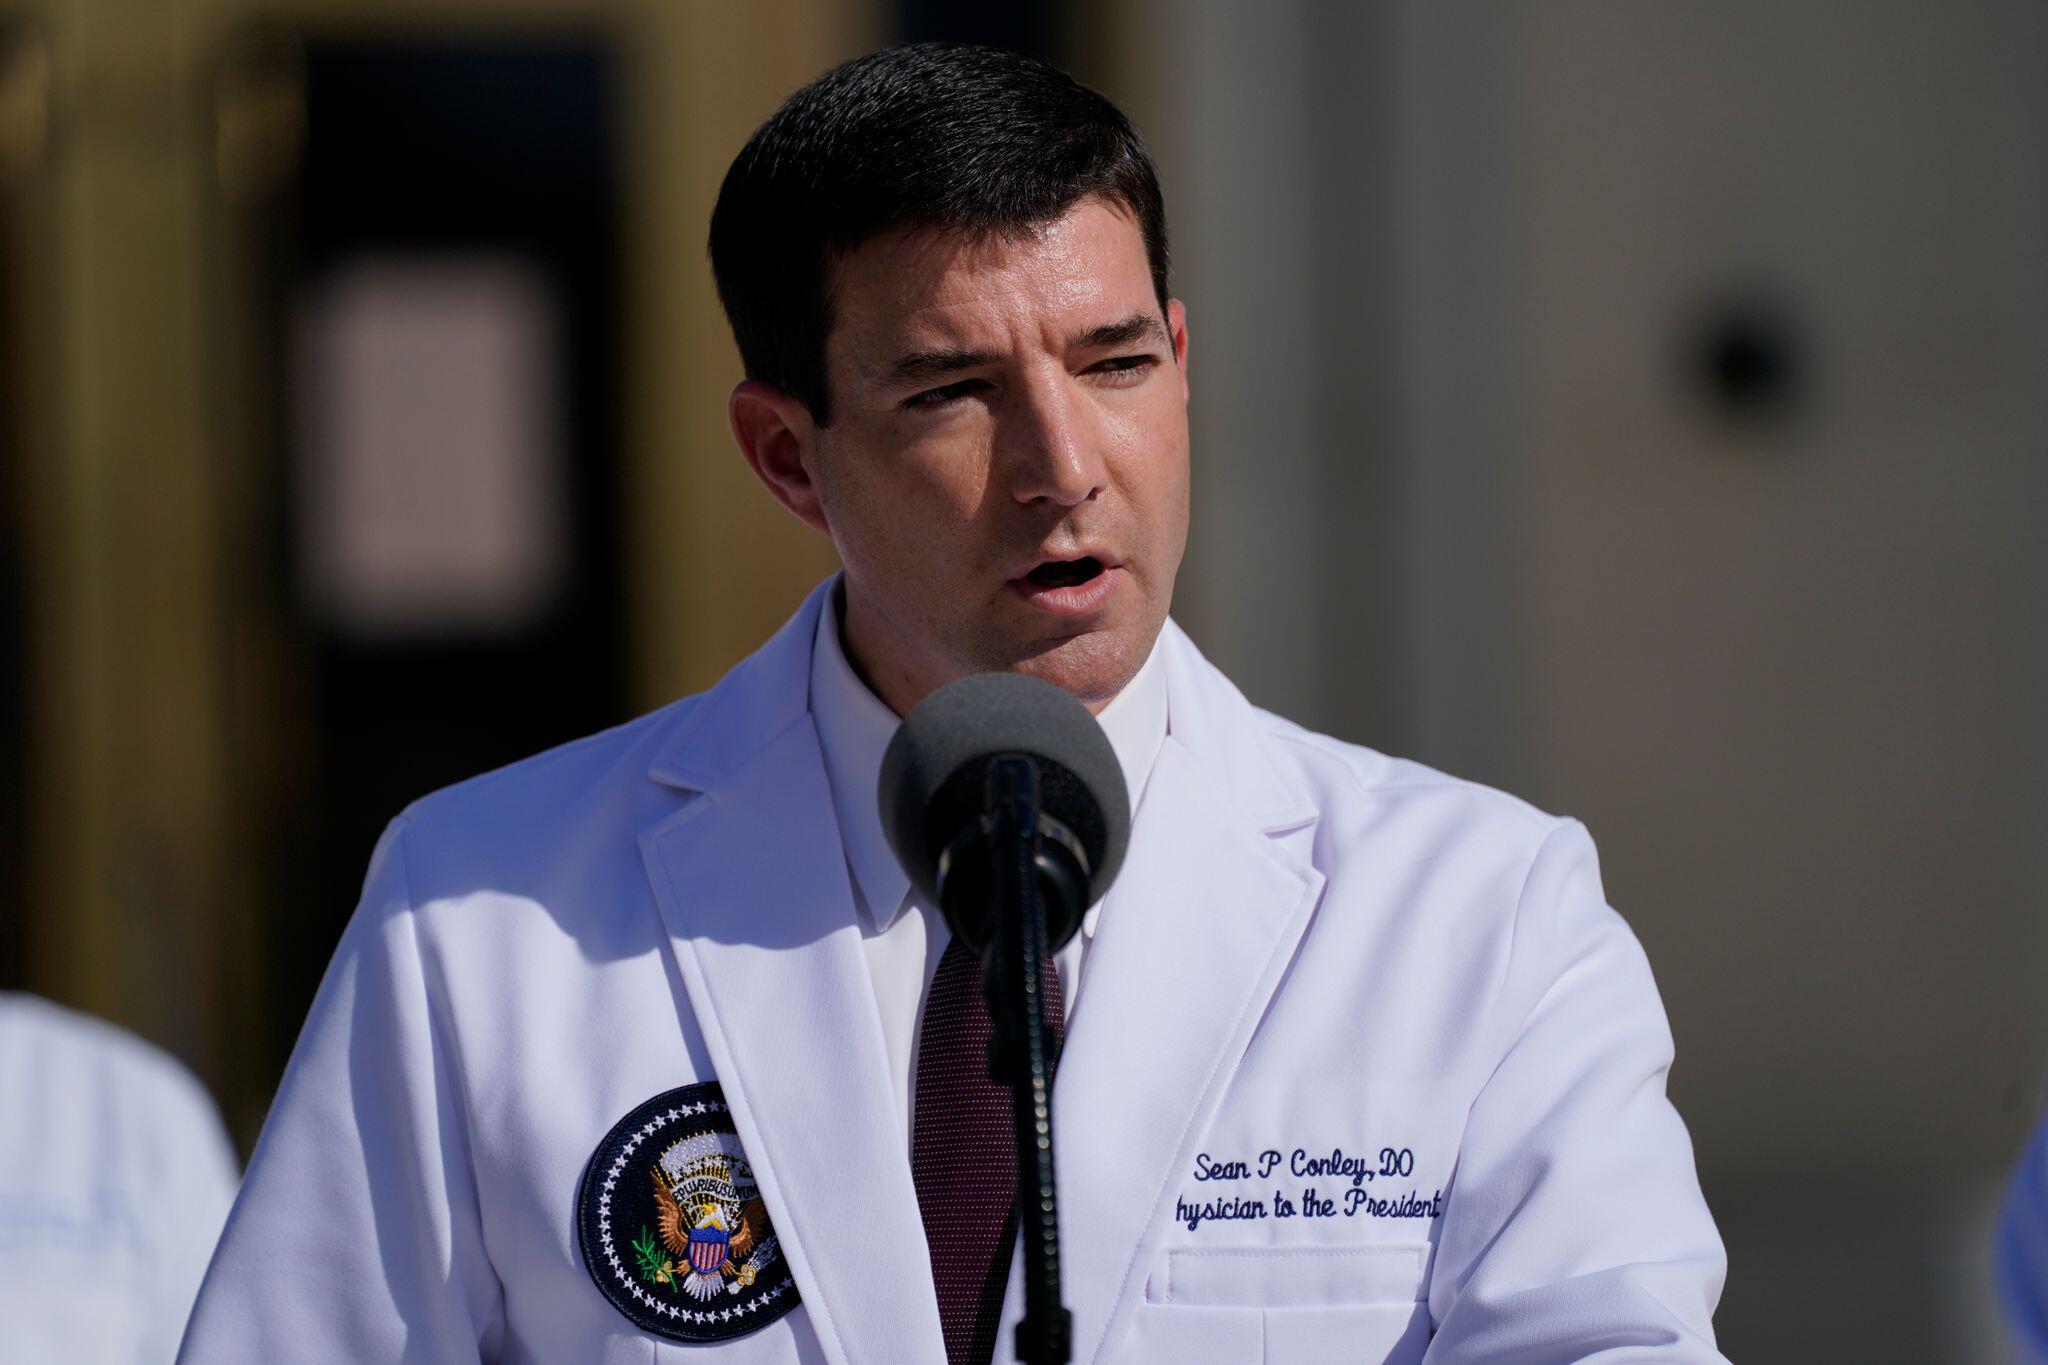 Vor Klinik: Kranker Trump jubelt Anhängern zu - Arzt tobt